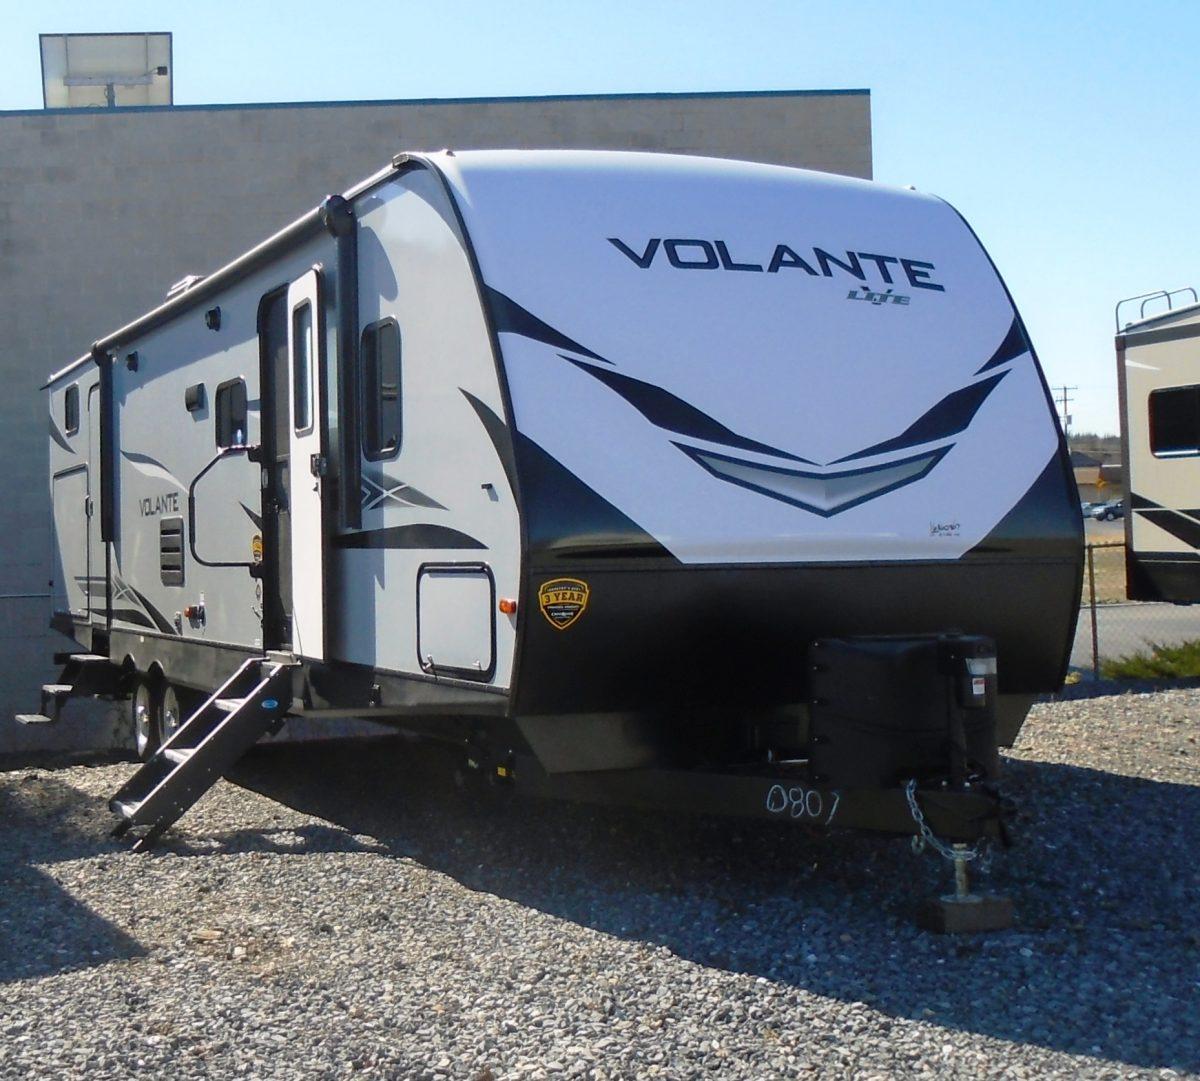 CrossRoads Volante 32sb